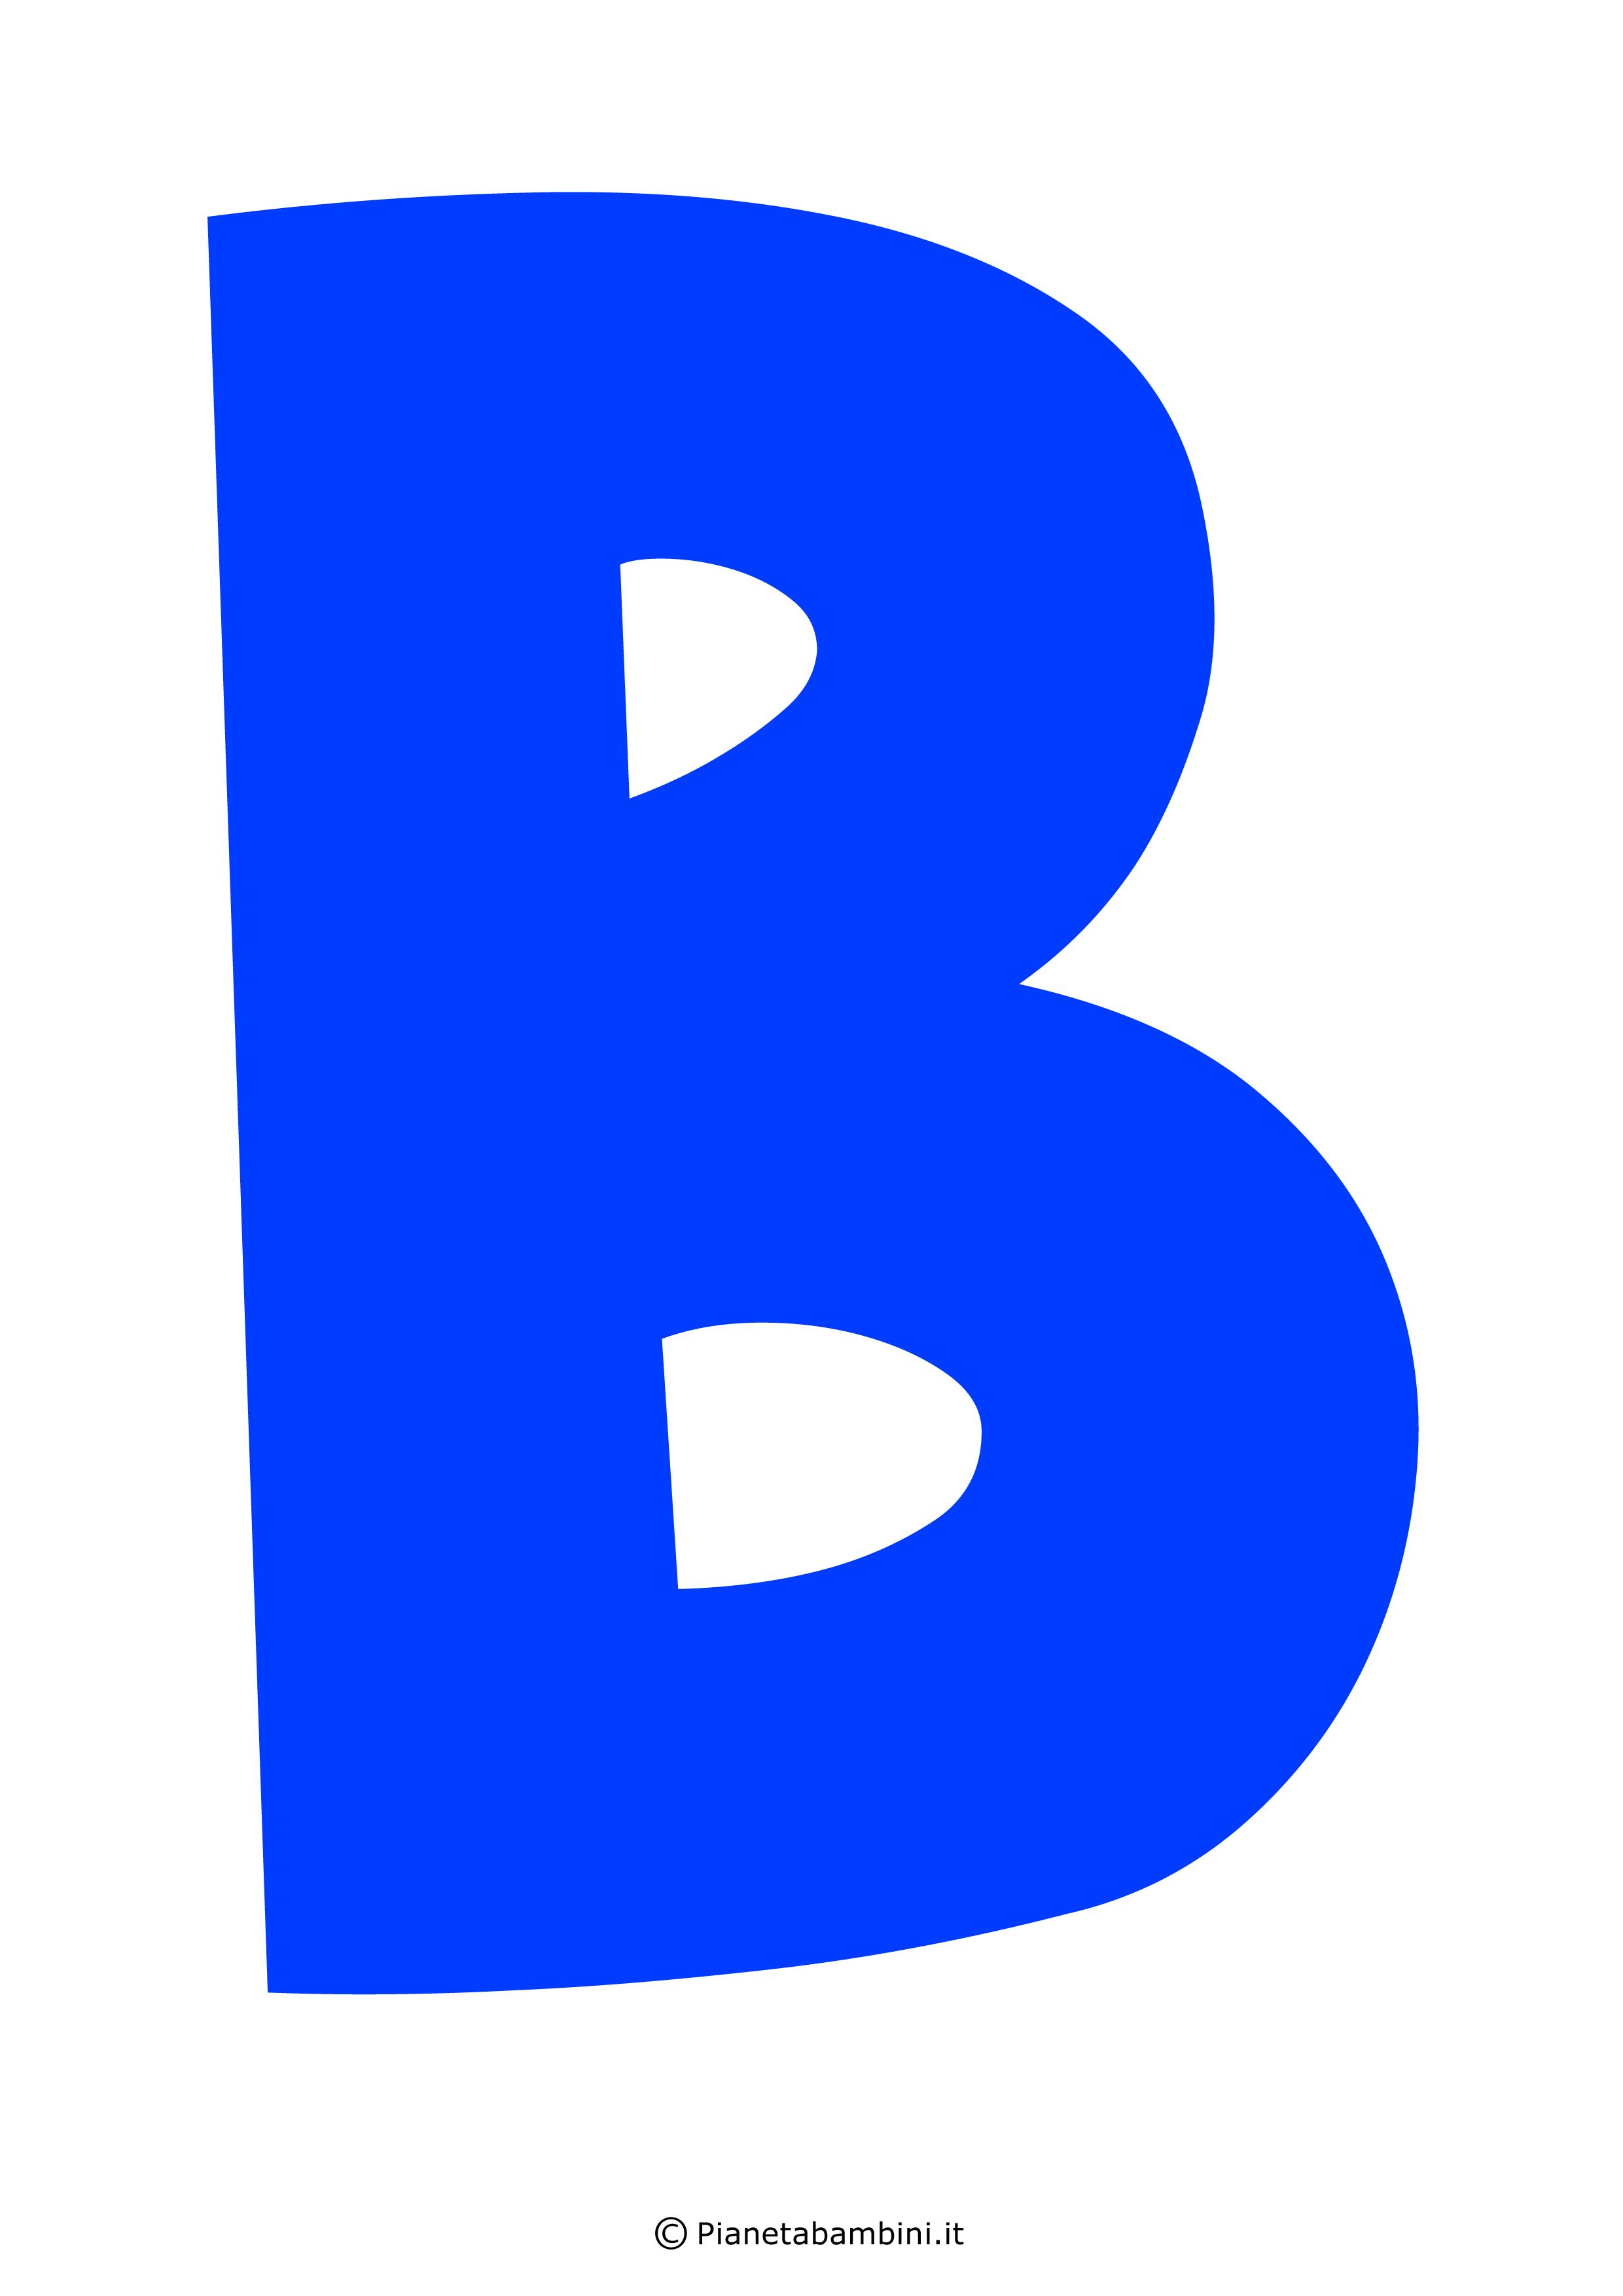 Lettera-B-Blu